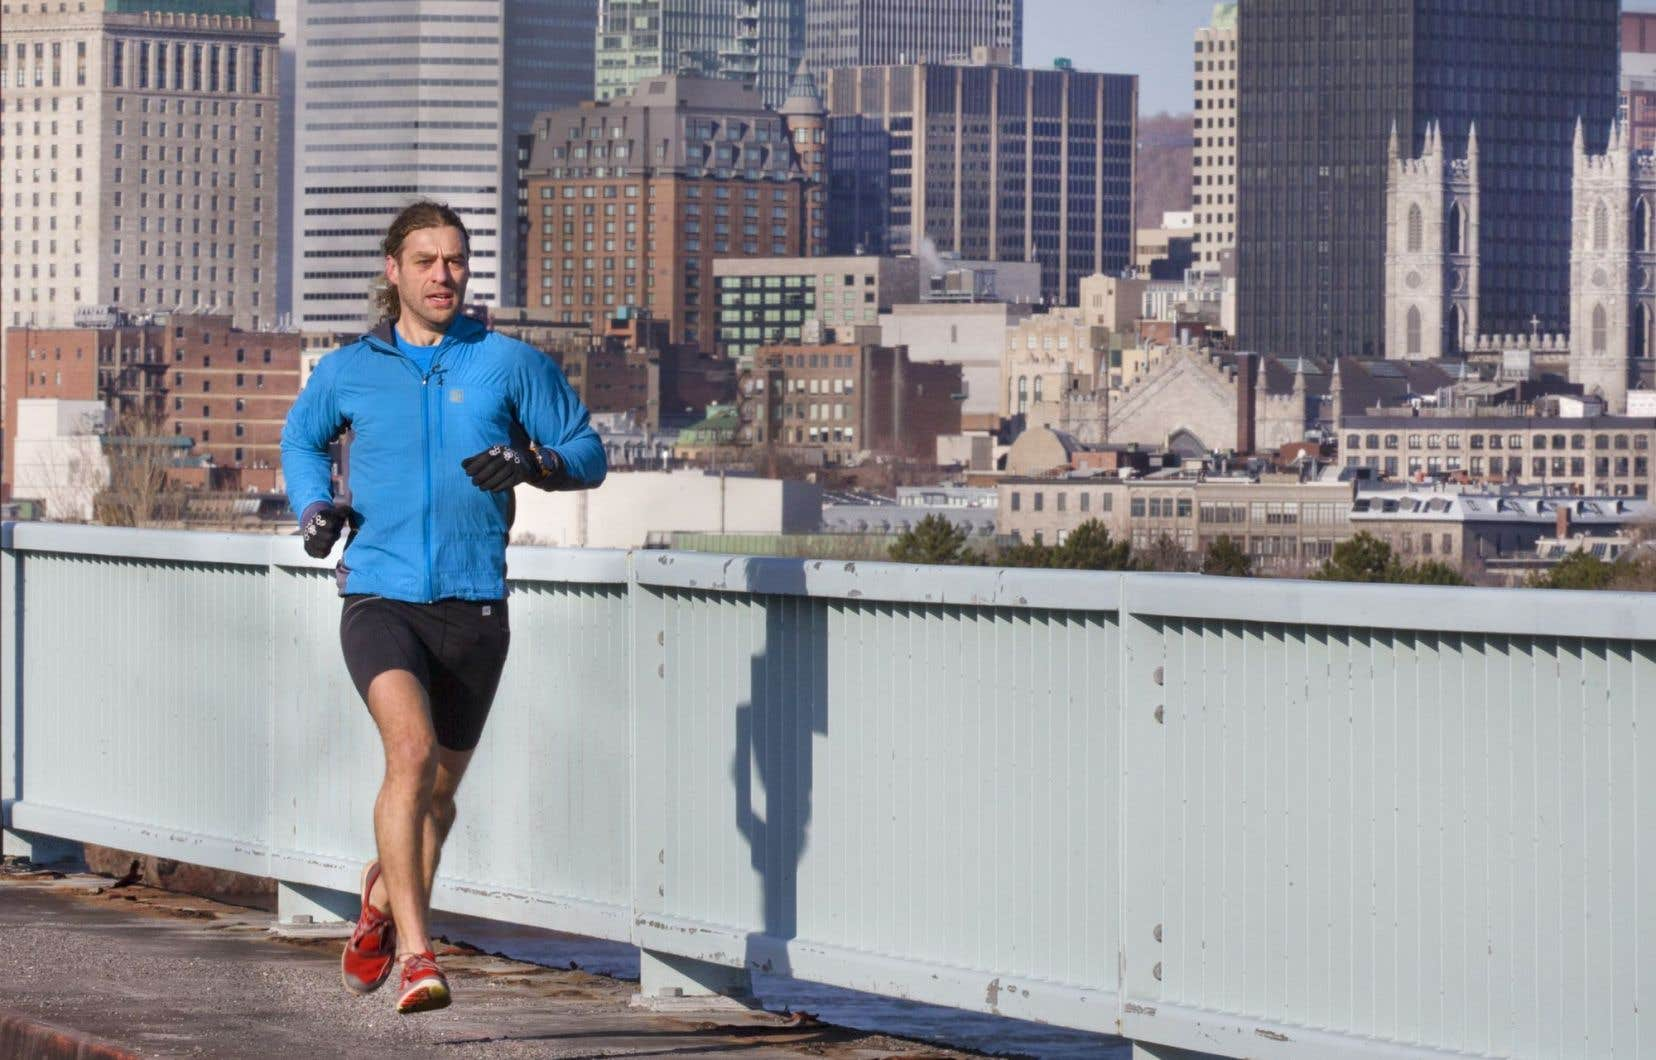 Entre petit galop et simplicité, Joan Roch, ultramarathonien «ultra-ordinaire», se sert de la course à pied comme moyen de transport quatre saisons et fait coup double en s'entraînant pour ses défis sportifs de longue haleine.